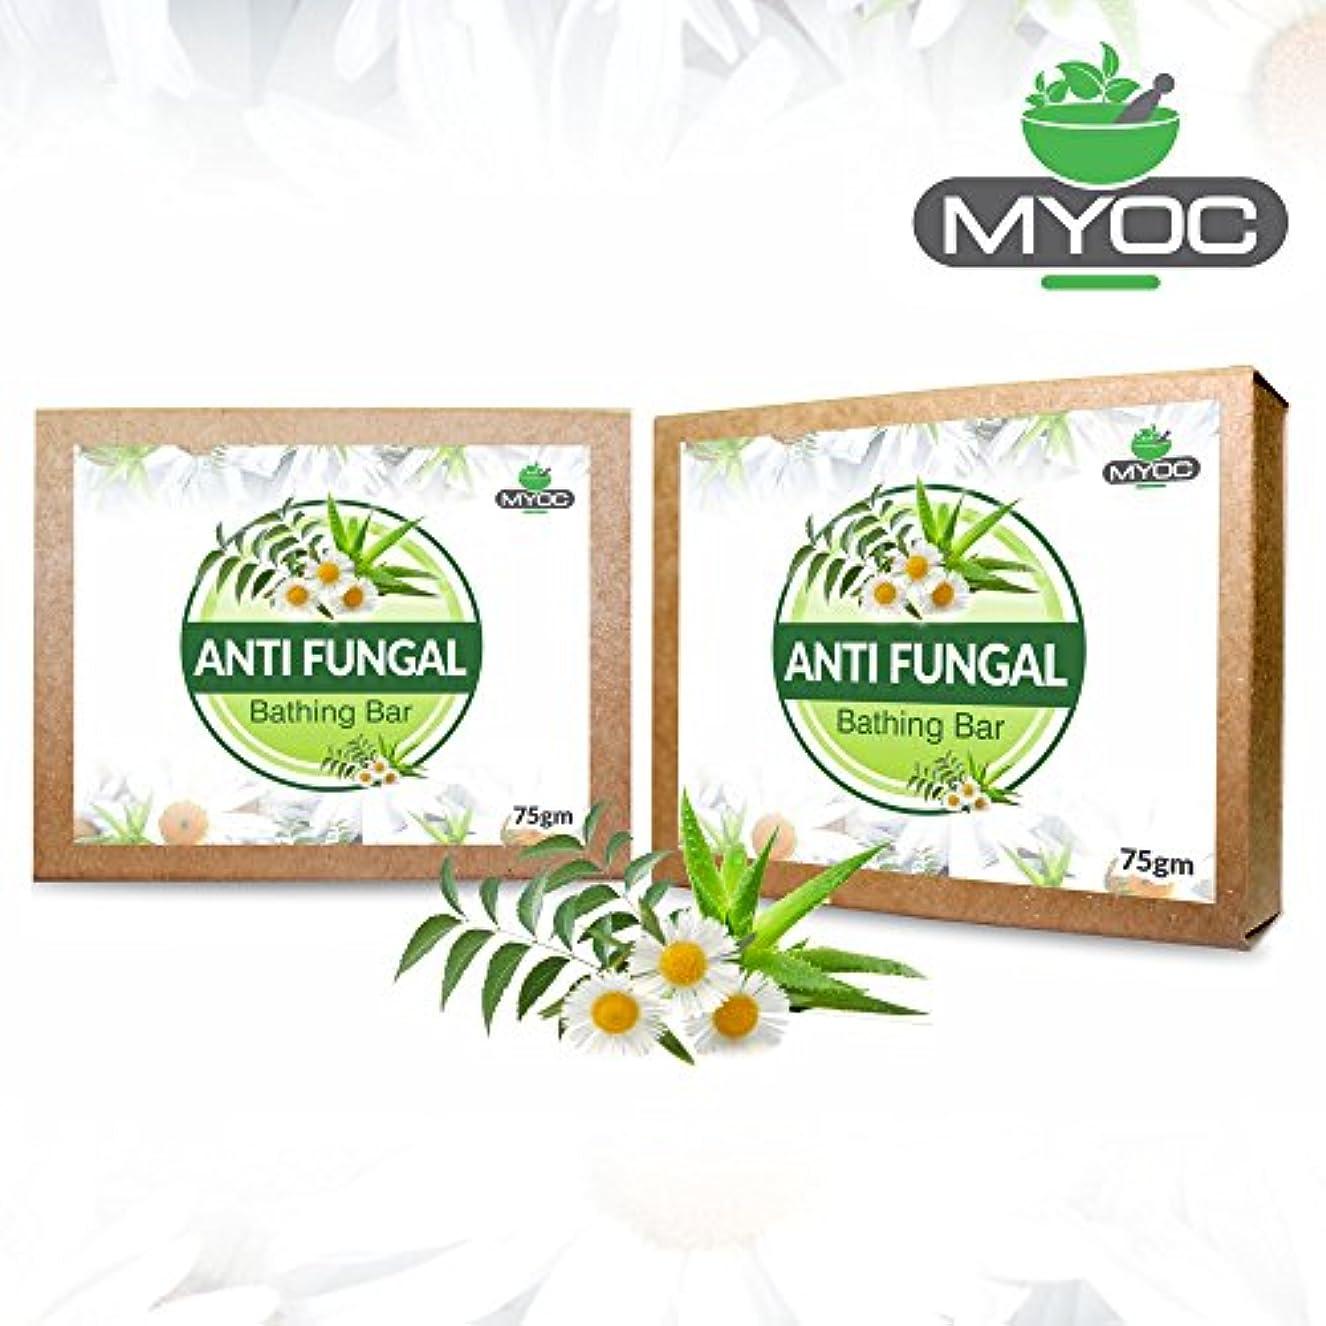 森林害虫重なるNeem oil, Aloe Vera, Chamomile, Vitamin E and Glycerine soap for athletes foot, jocks ictch and fungal infections...